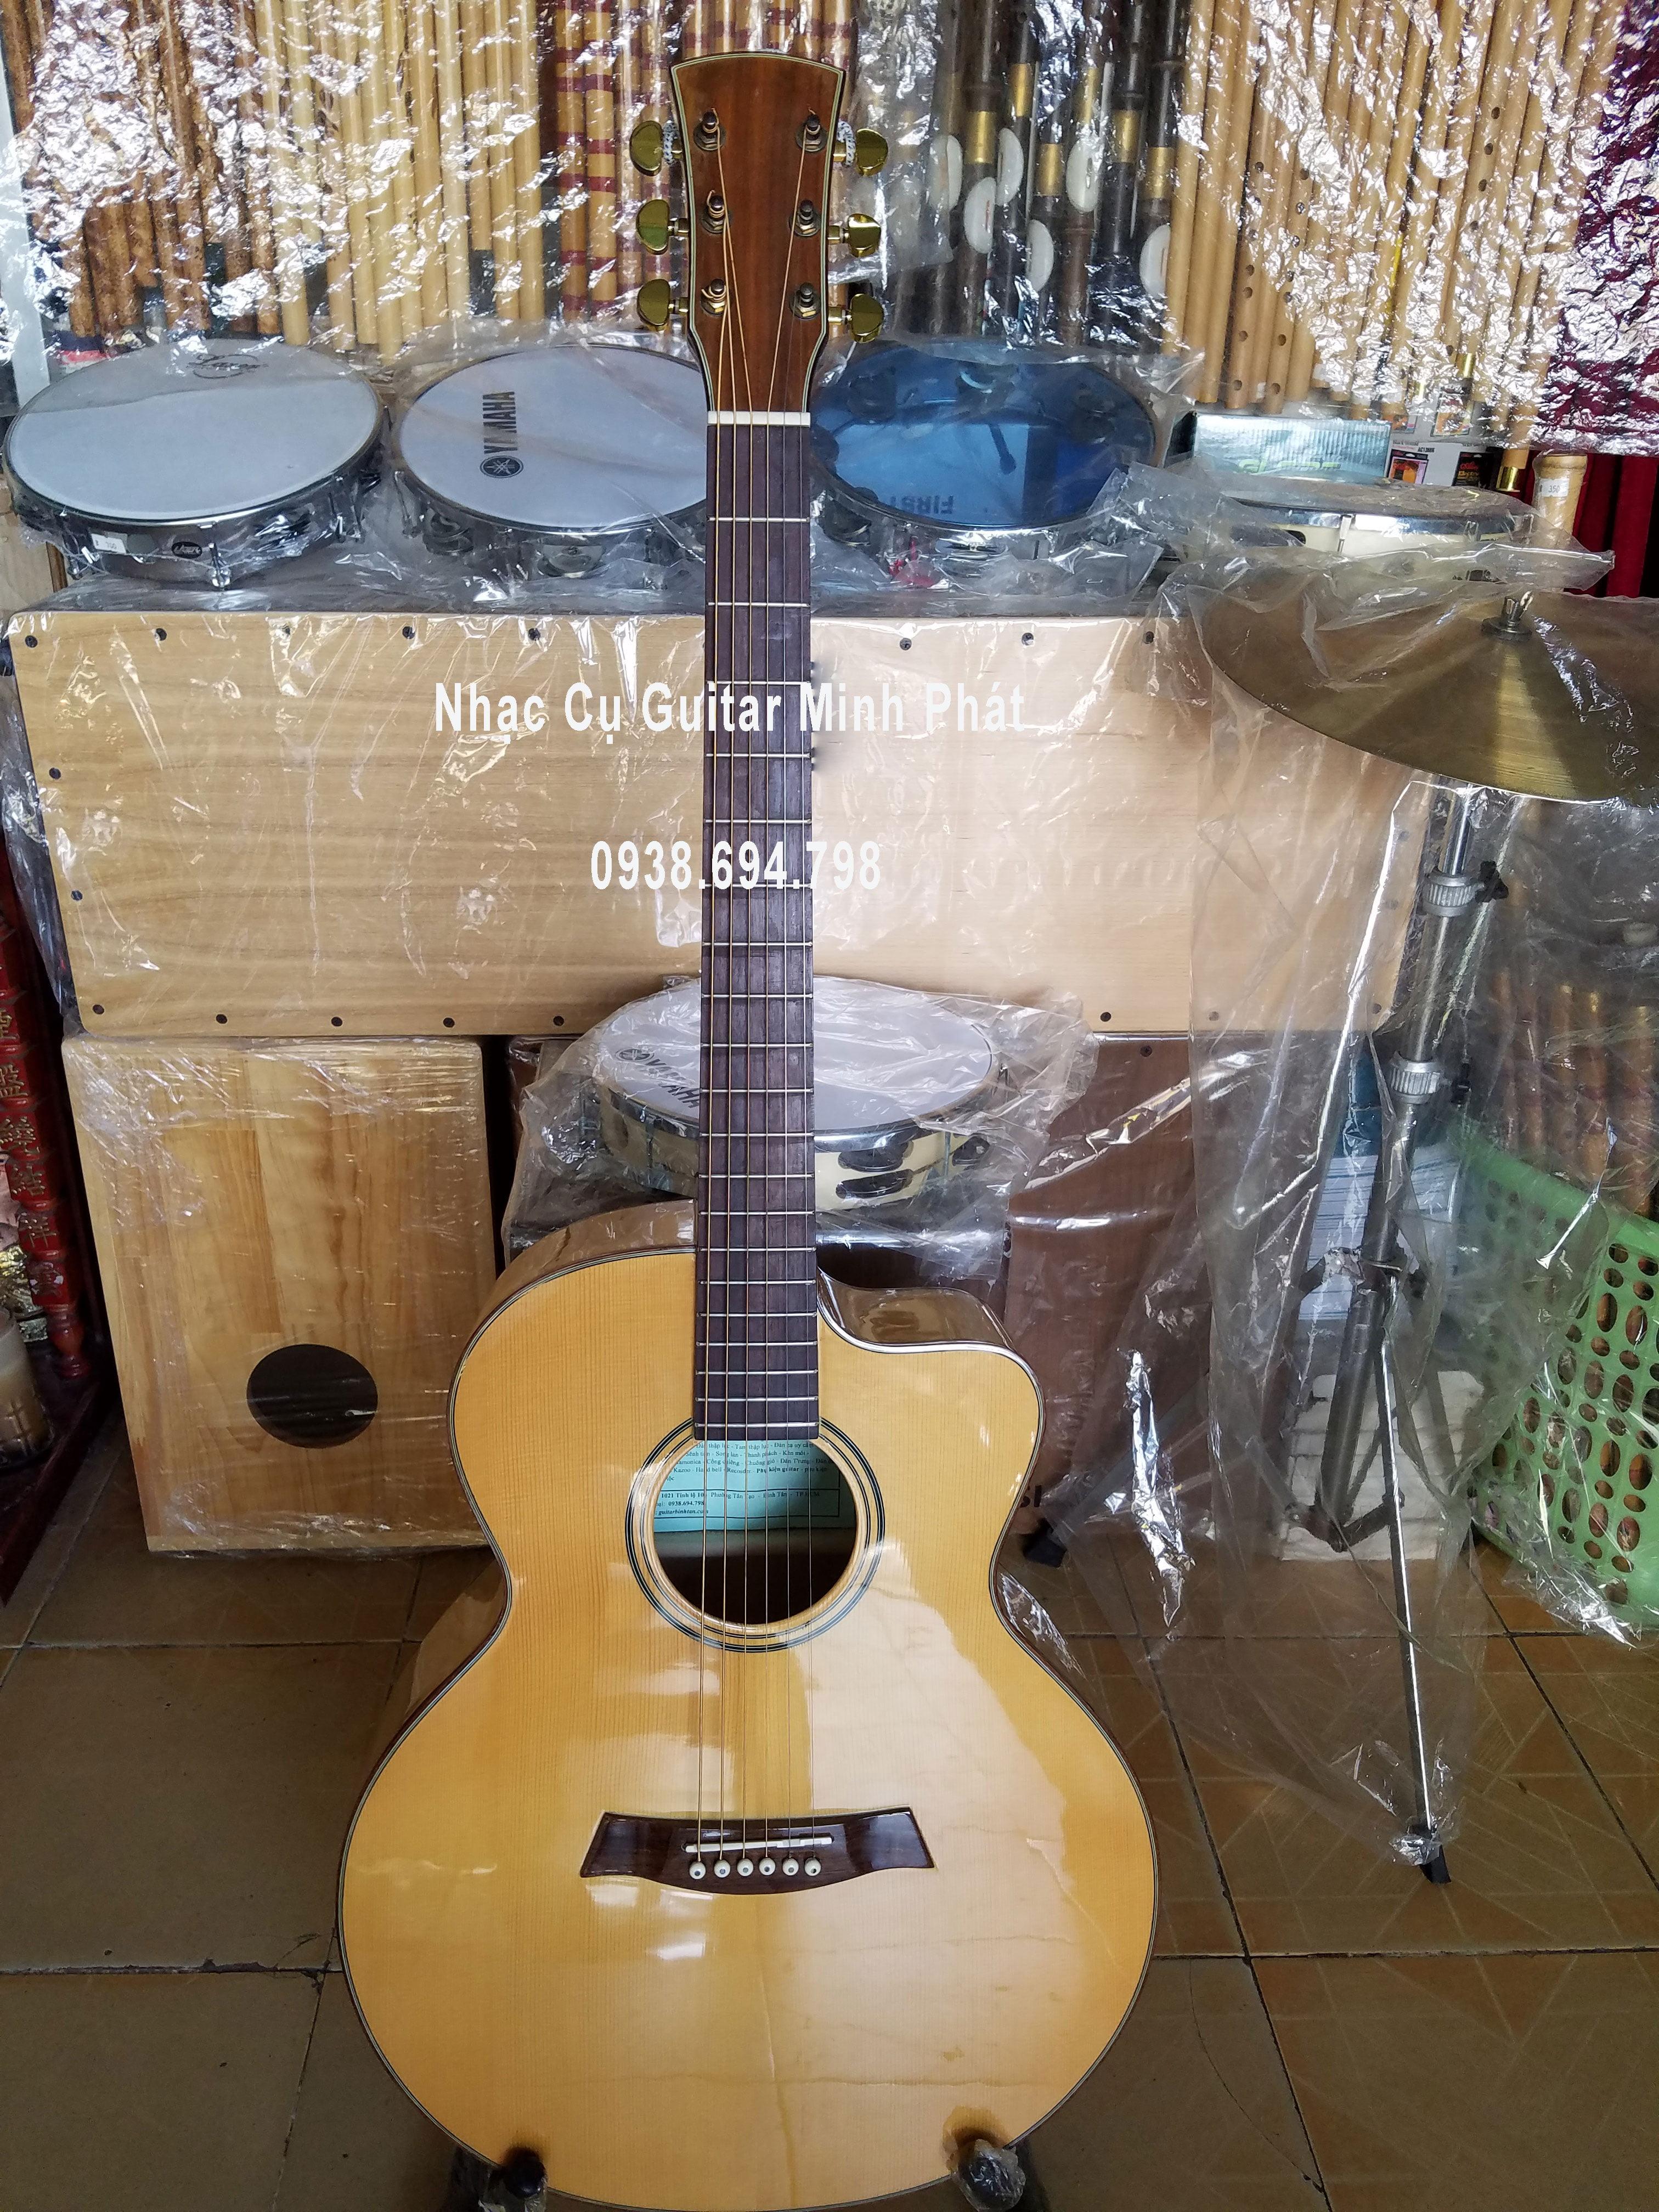 Bán đàn guitar giá rẻ quận bình tân bình chánh tân phú quận 6 chỉ 390k- guitarbinhtan.com - 8